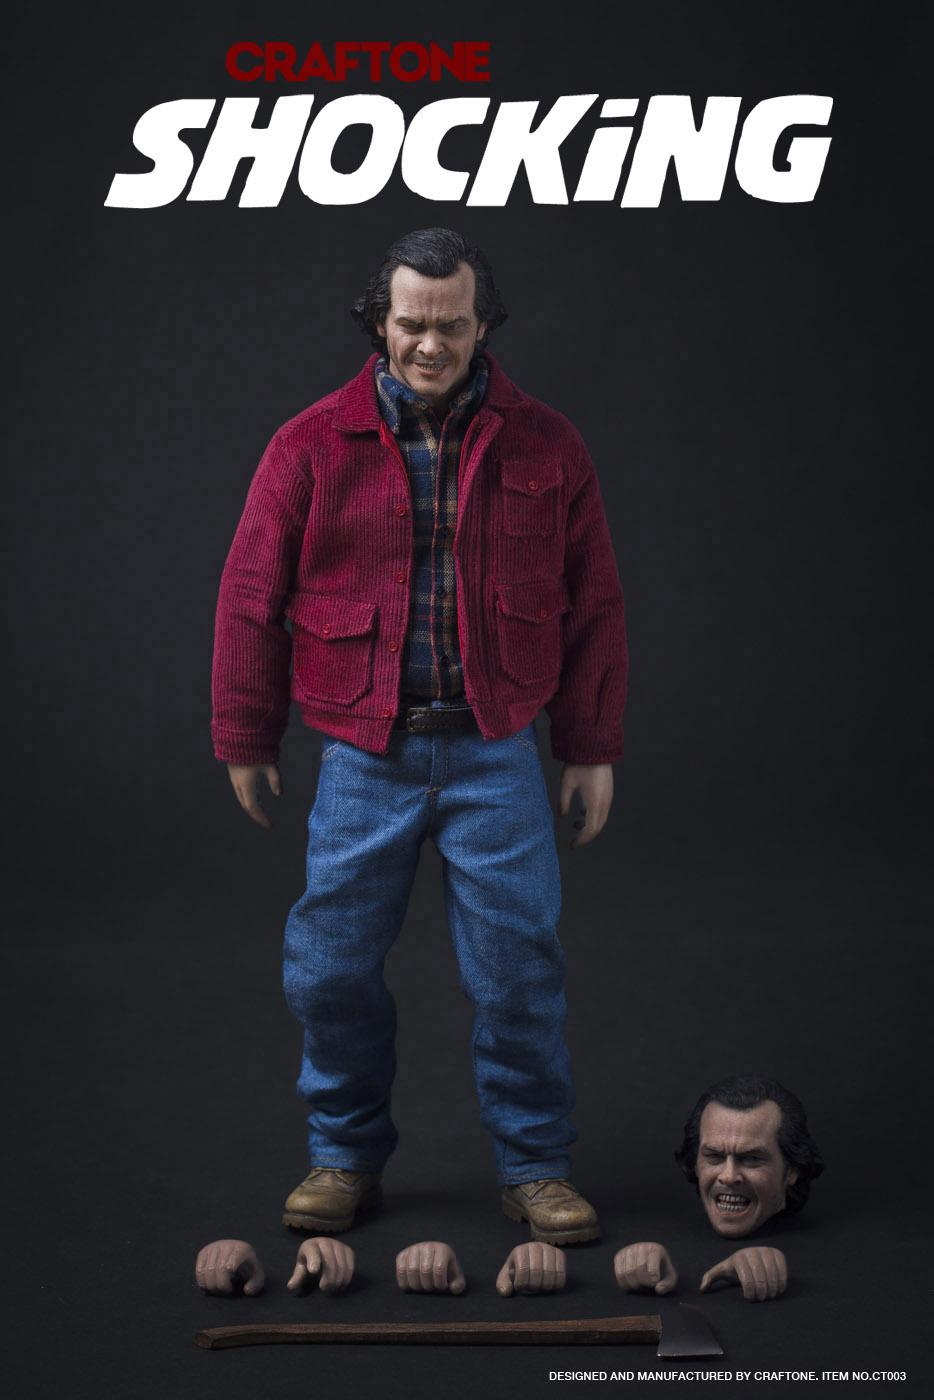 [Craftone] Shocking - Jack Torrance 1/6 scale 183855nro1tziddff4tjit